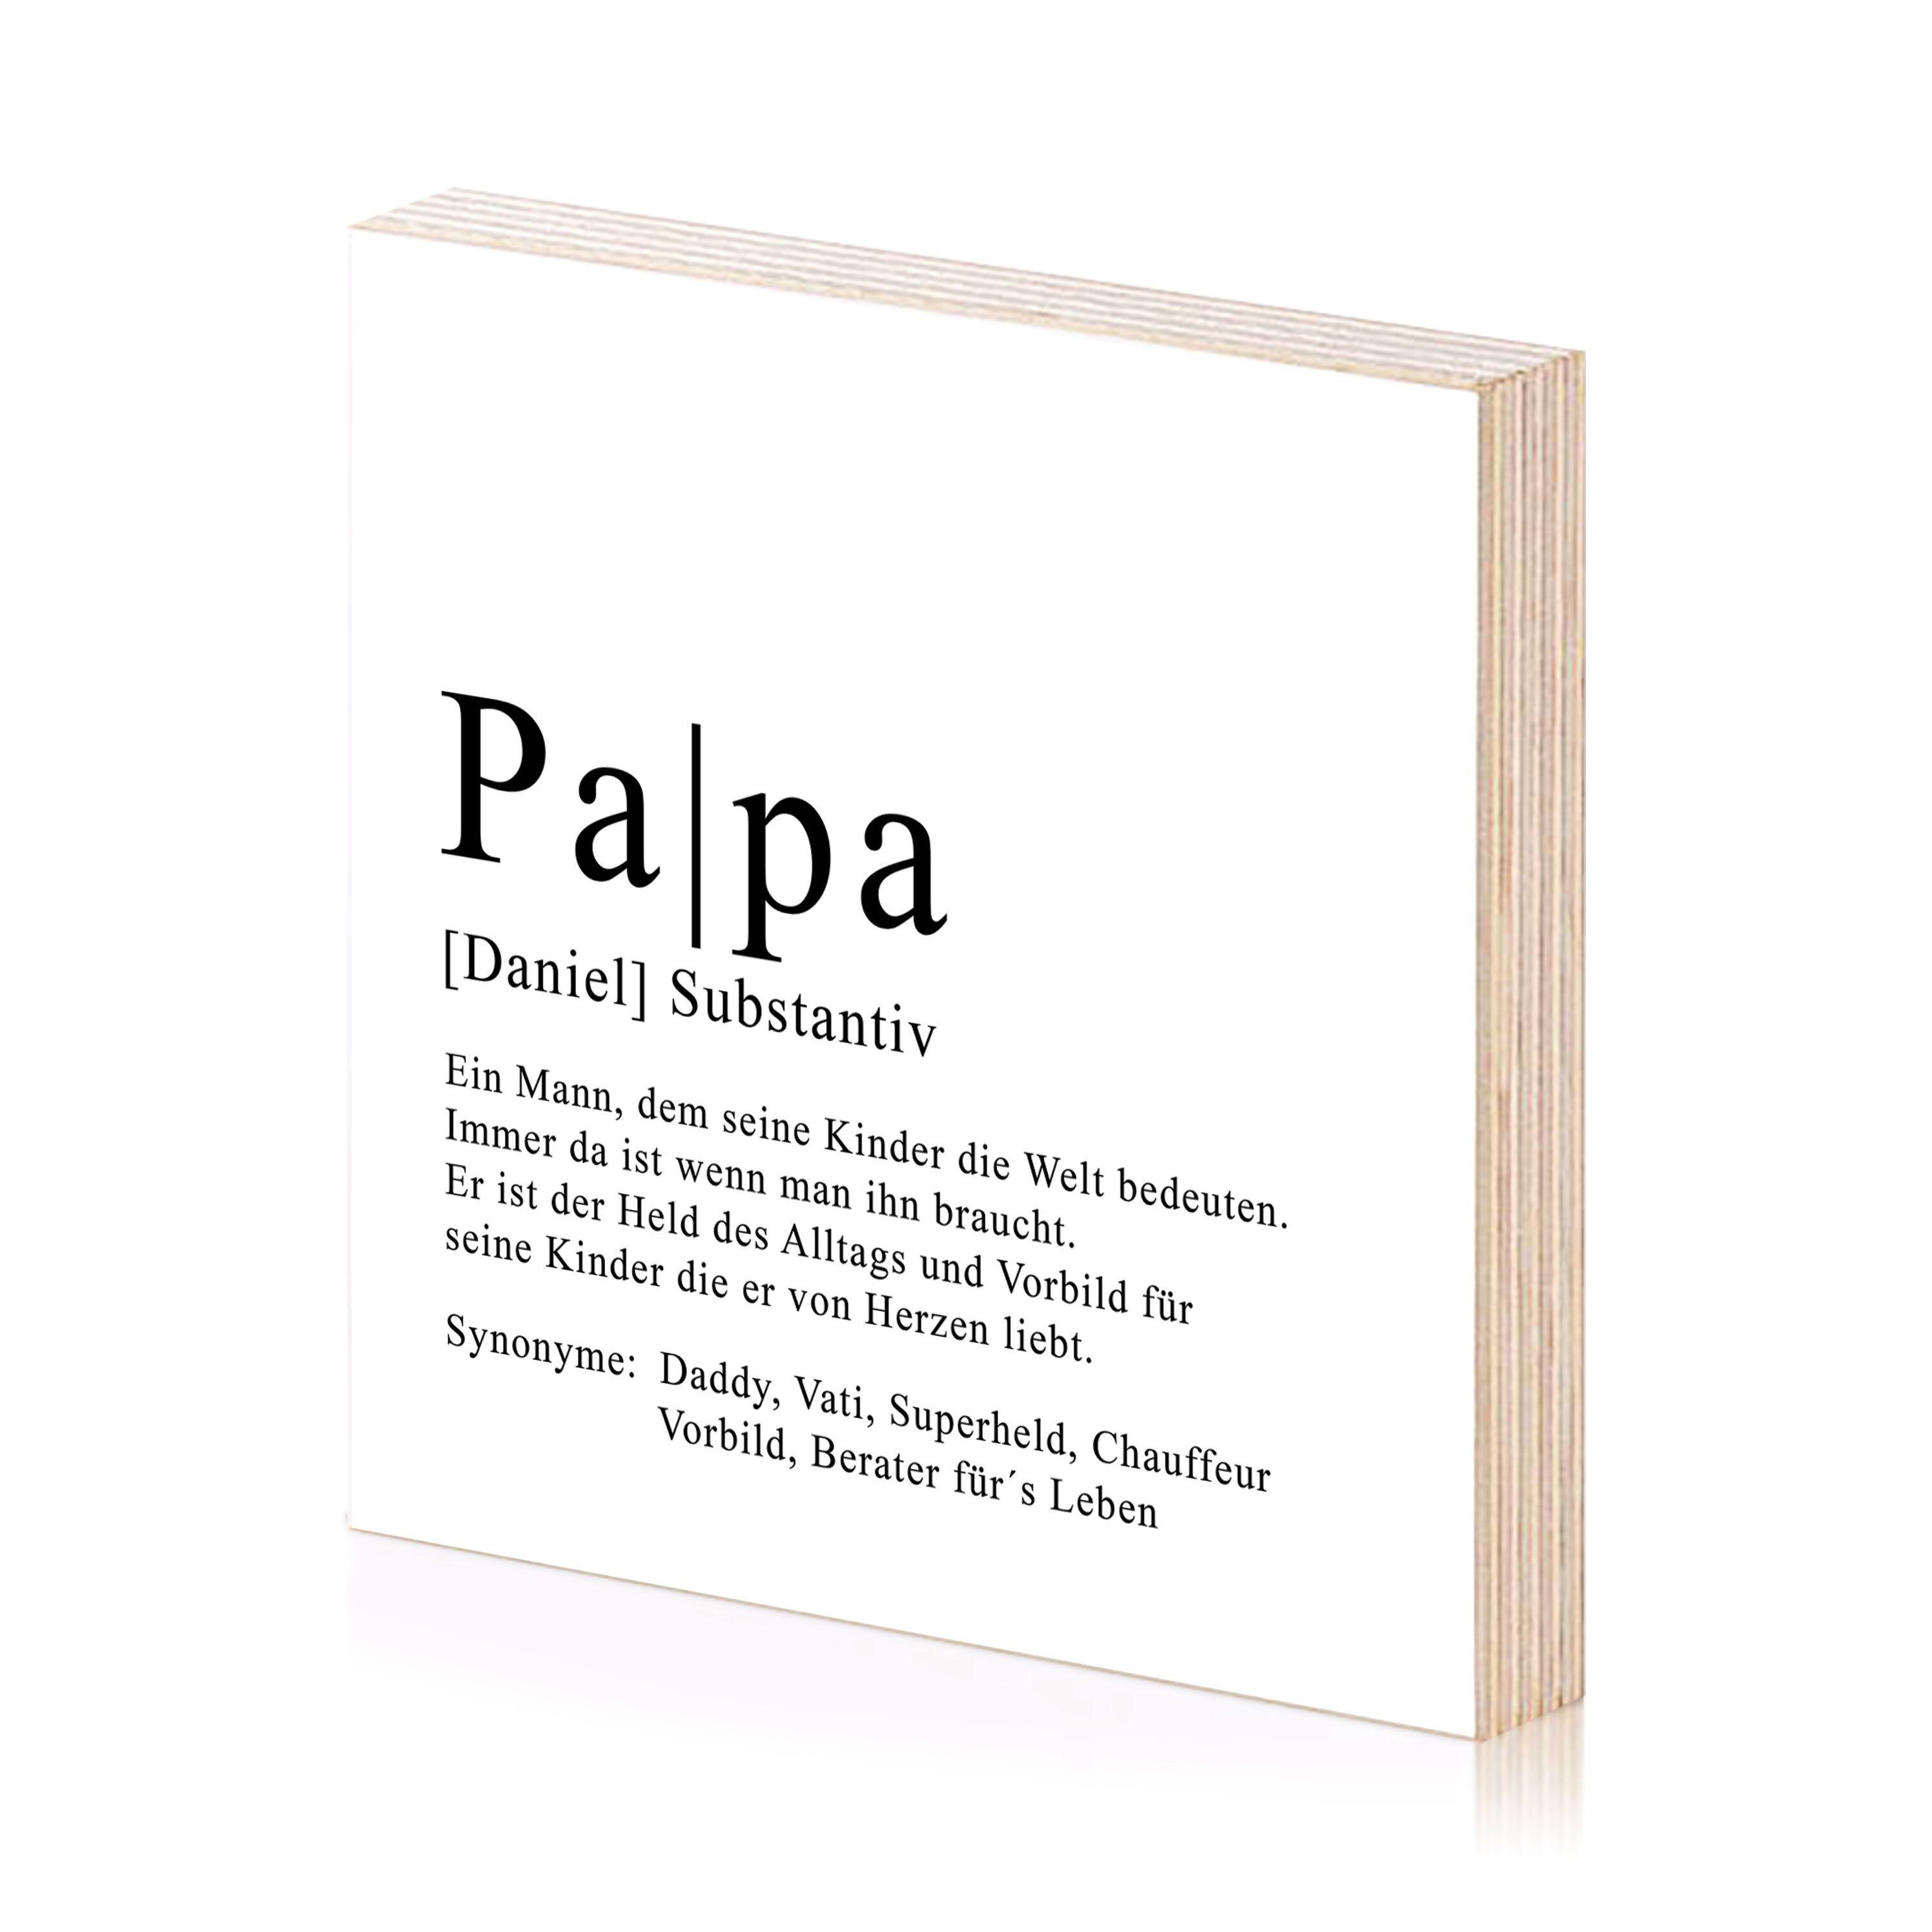 Papa Definition Personalisiertes Bild Aus Holz Zum Hinstellen Oder